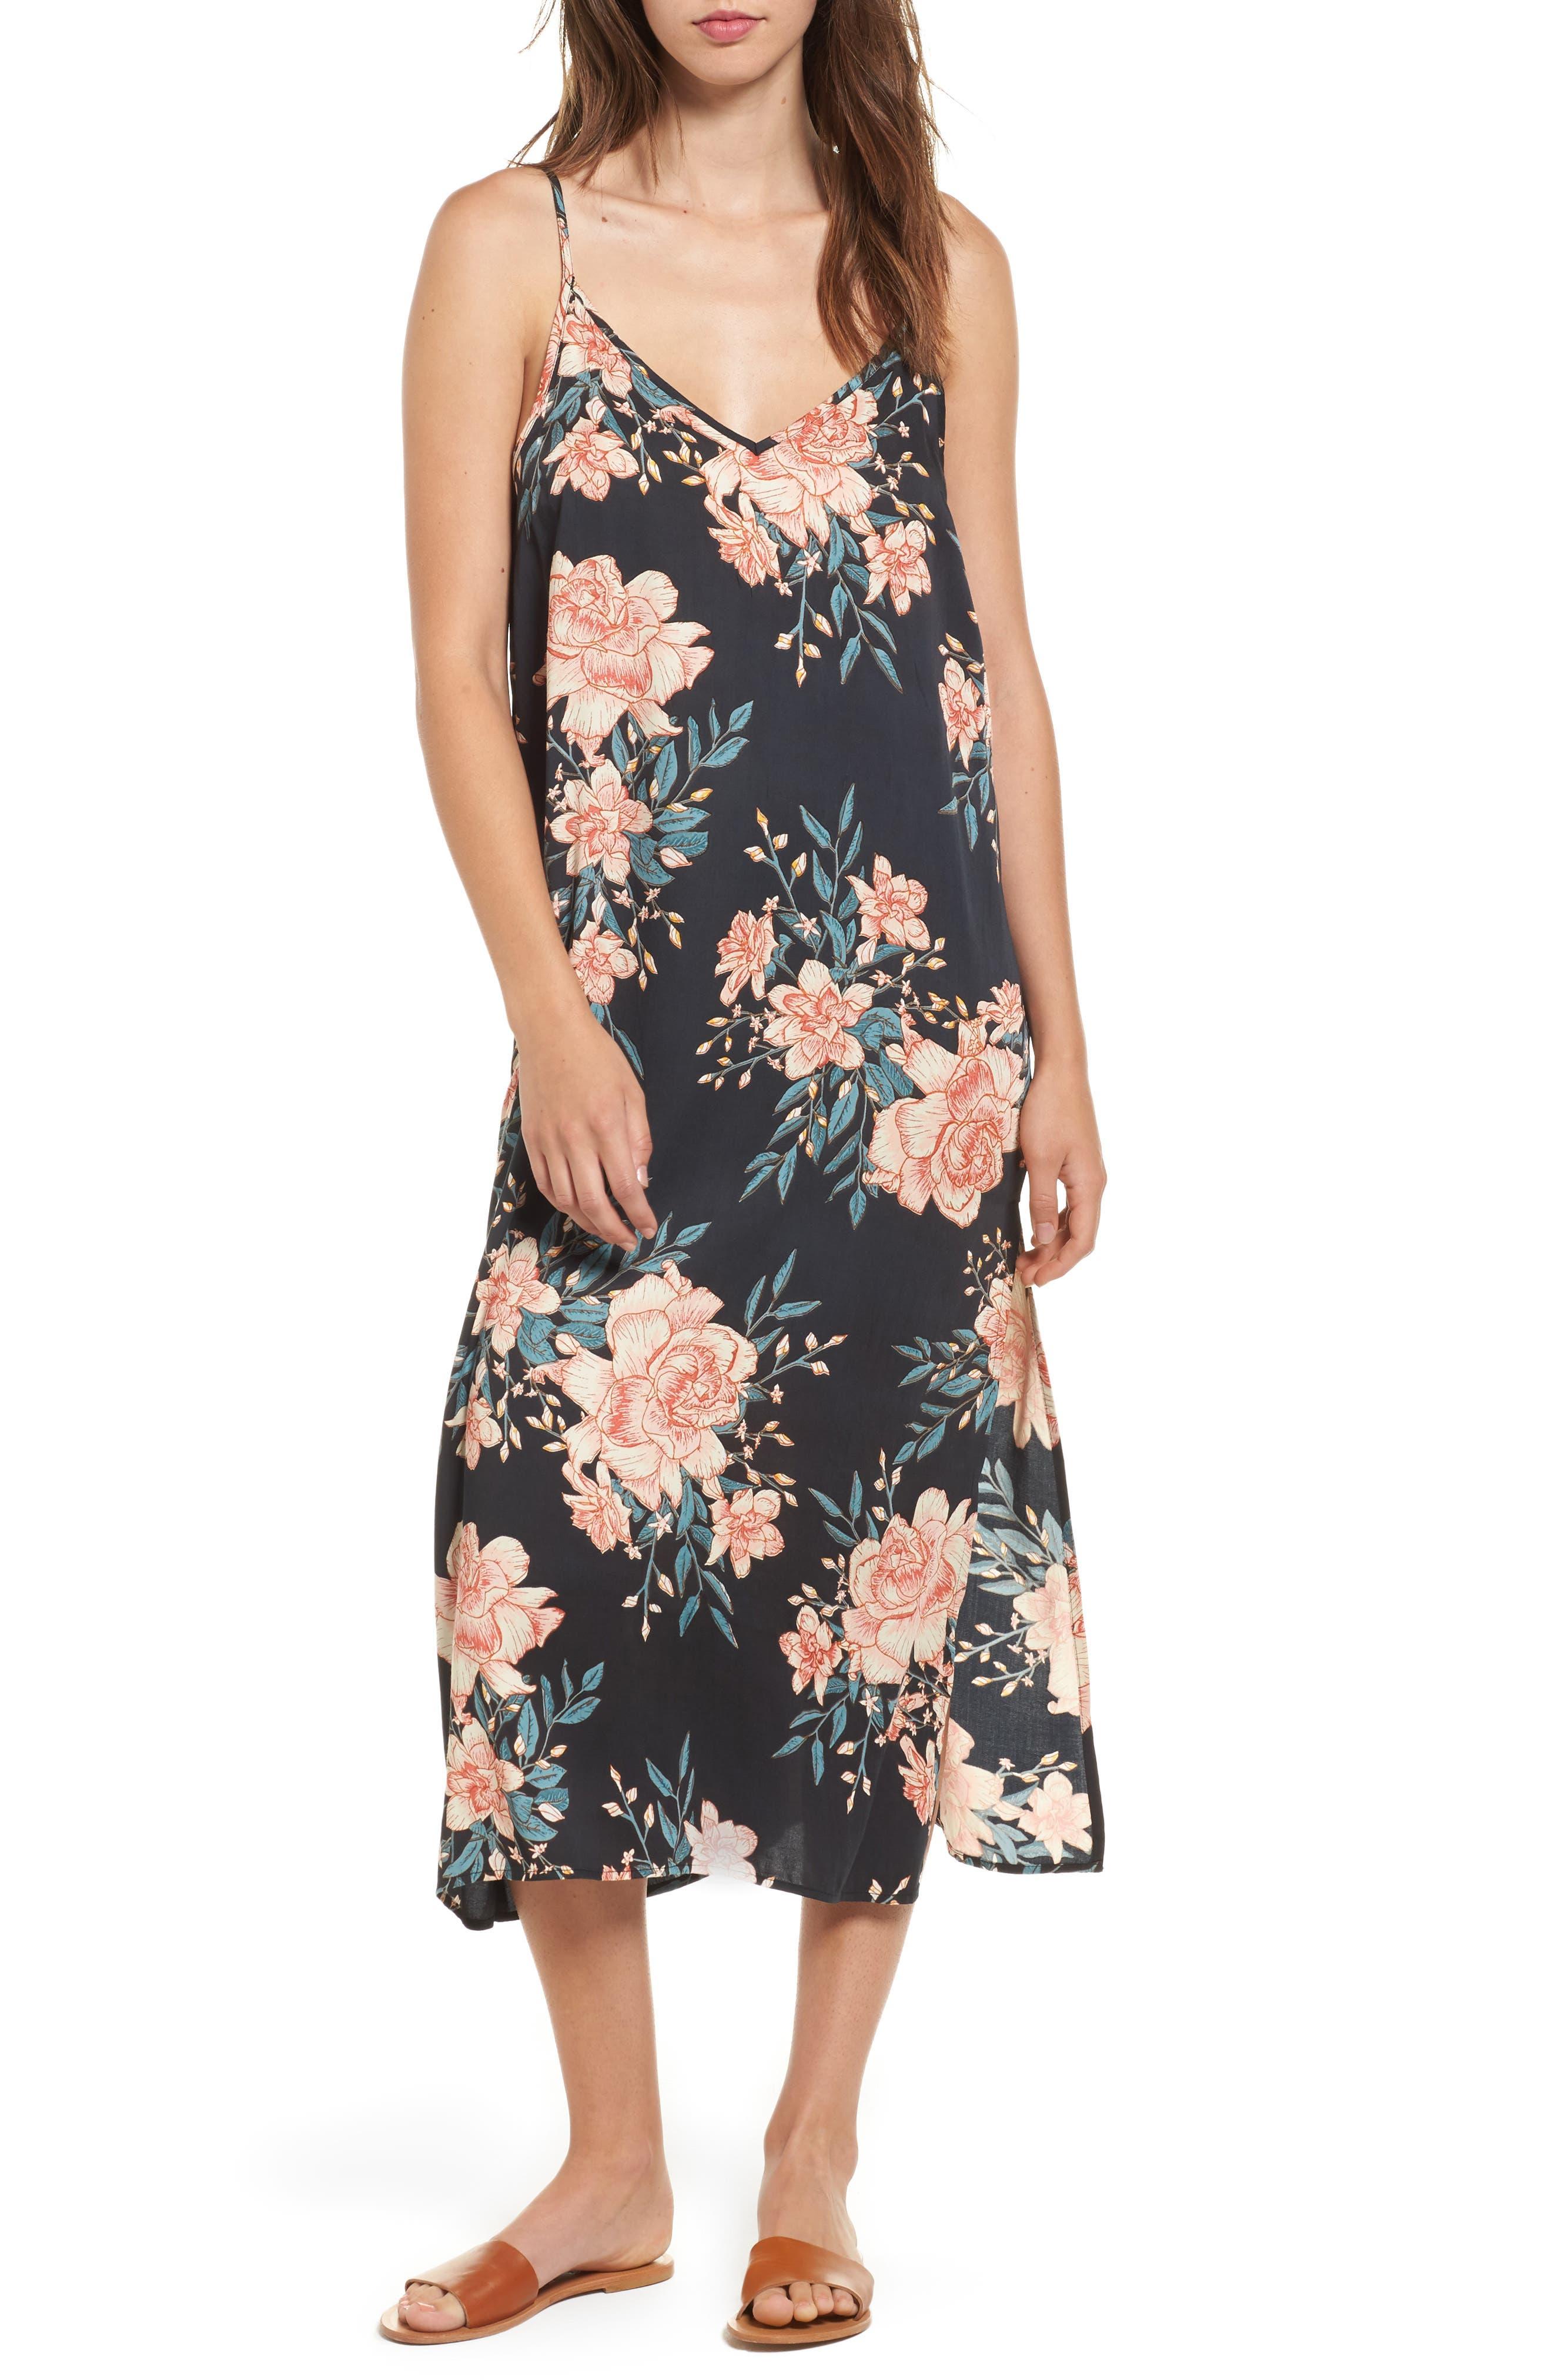 Main Image - Billabong Dreamy Garden Print Dress